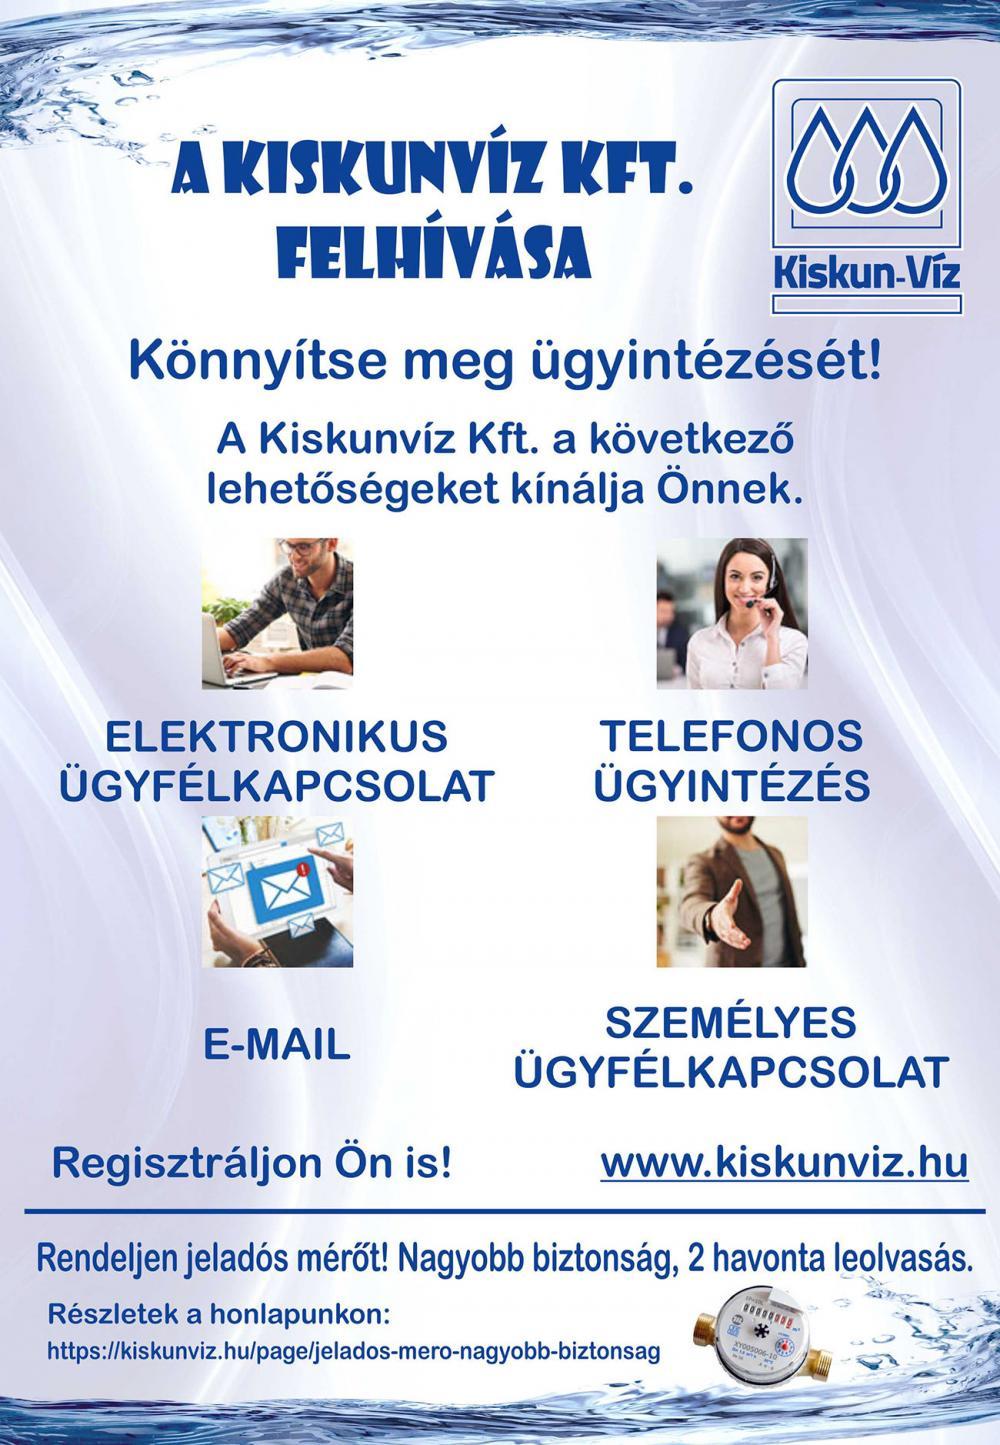 A Kiskunvíz Kft. felhívása